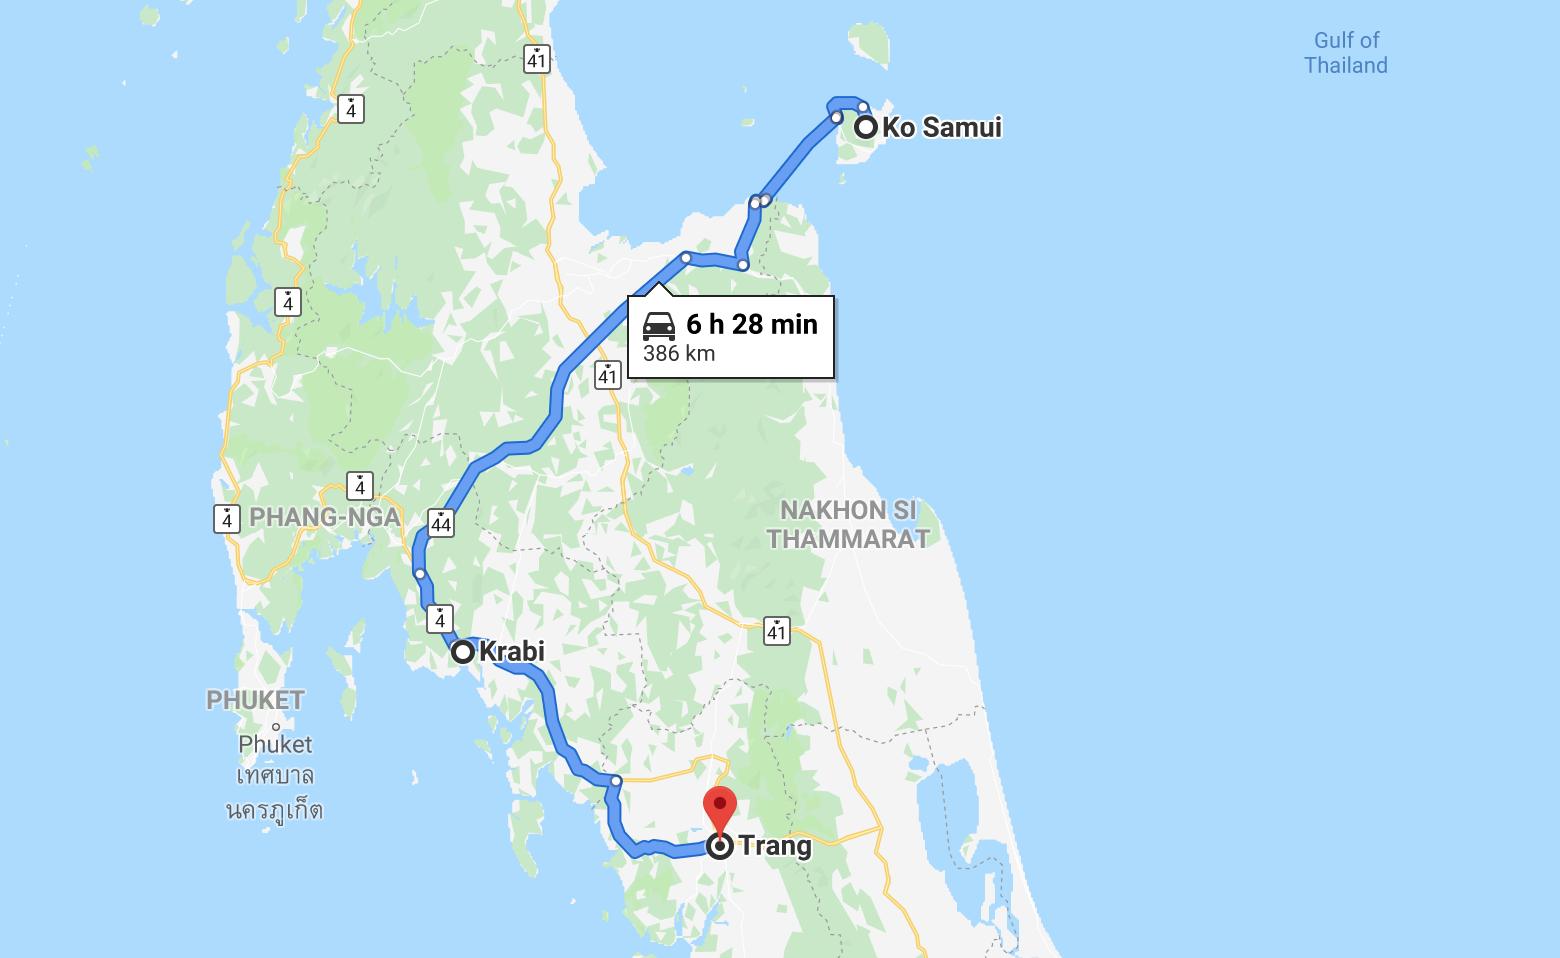 Thailand beaches map